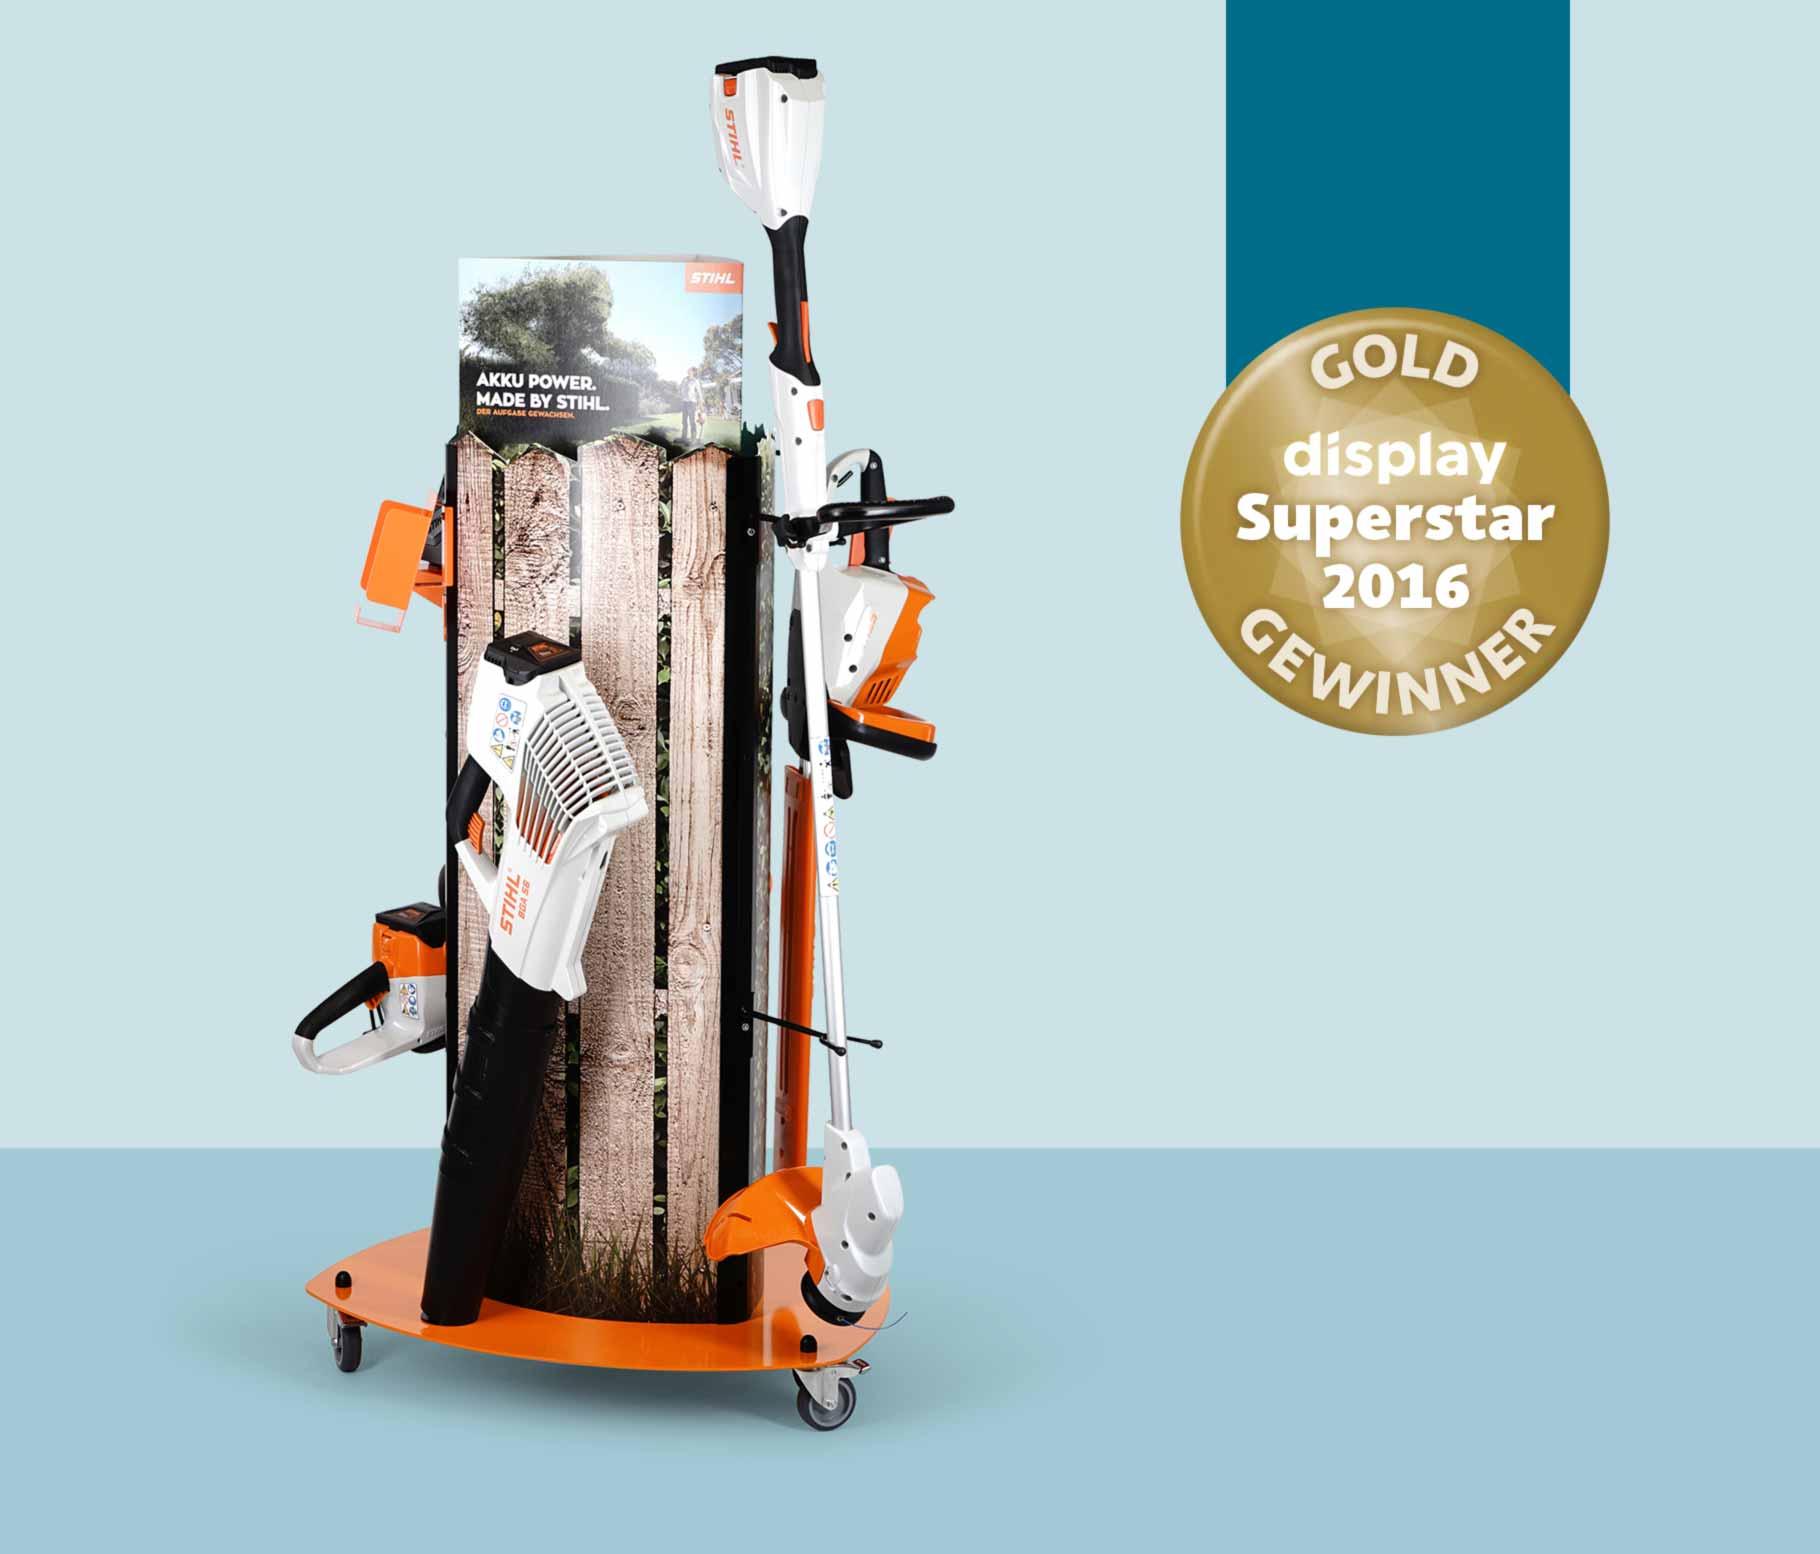 2016: Gartengeräte-Display für Stihl, ausgezeichnet mit dem Superstar Award in Gold..